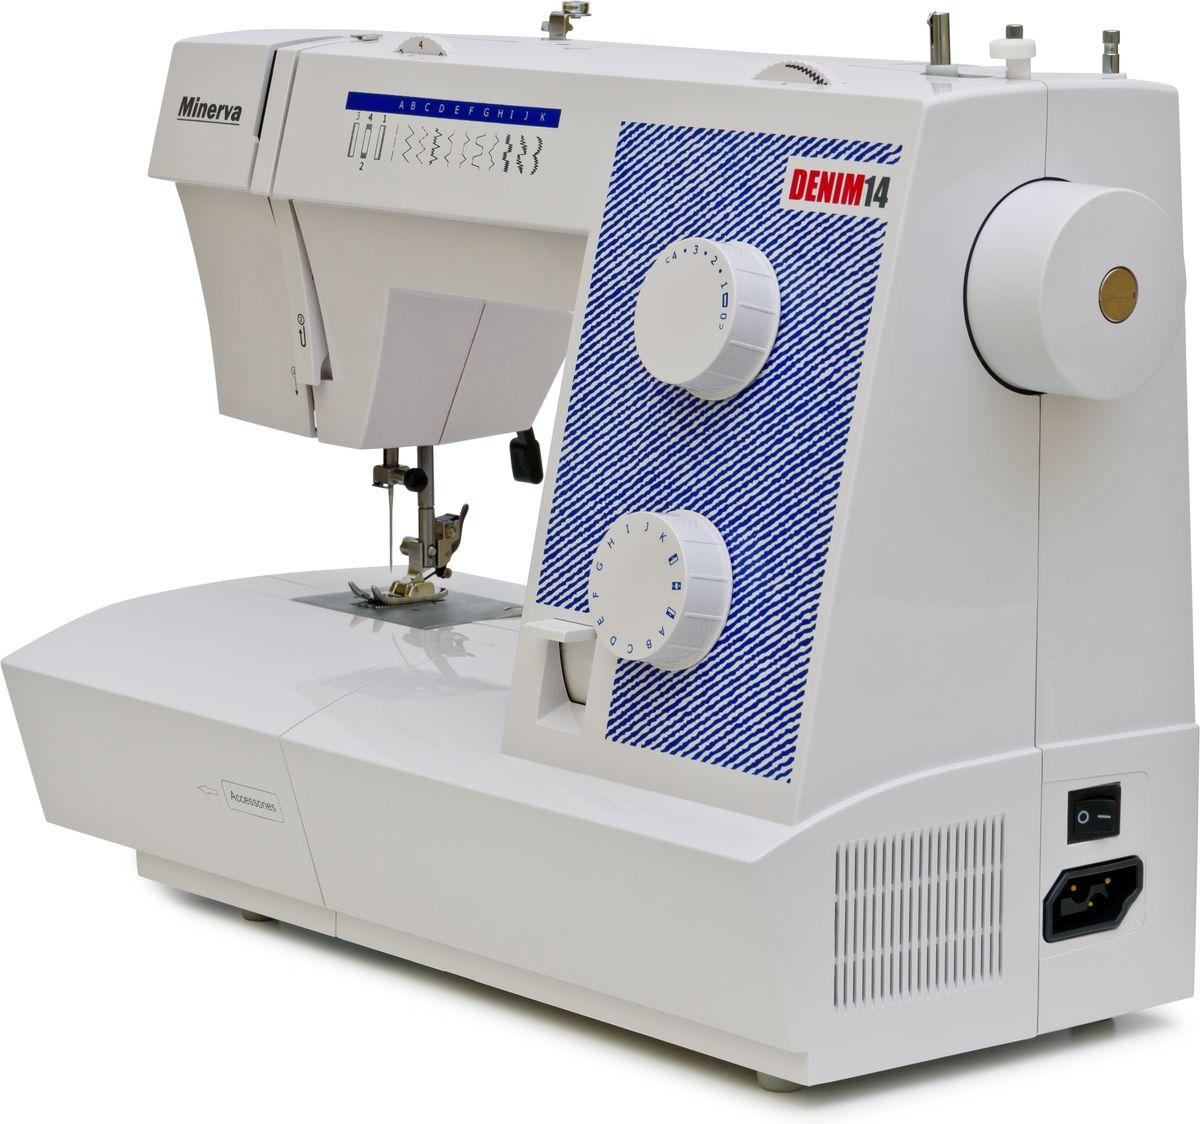 Minerva Denim 14 швейная машинаM-DEN14Minerva Denim14. Представляем Вашему вниманию уникальную продукцию от качественного и проверенного бренда. Minerva всегда отличается высоким уровнем исполнения и предлагает своим клиентам только современные и при этом внешне стильные и оригинальные товары, которые станут прекрасным дополнением к рабочему уголку каждой домашней мастерицы. Также Minerva Denim 14 подходит и для работы в небольших ателье, так как выдерживает большие нагрузки.Представленная модель обладает 14-ю операциями в швейном деле, два диска для регулировки. Представленная швейная машинка достаточно удобная для работы не только днем, но и по вечерам. Ведь здесь есть встроенное освещение рабочей поверхности. Поэтому швее будет прекрасно видно, насколько правильно идет строчка, и сделать изделие аккуратным и красивым, даже если сроки поджимают и приходиться работать внеурочное время. А что уже говорить о домохозяйках, в которых время на личные занятия или хобби есть только ночью.Для удобства работы с разными тканями и разными стилями шитья, конструкция имеет несколько лапок. Так, есть универсальная, специальная модель для невидимого вшивания молнии, лапка для петли, а также для потайной молнии. Покупая такую технику, Вы дарите себе наслаждение от процесса кроя и шитья.Как и большинство швейных машинок, эта модель также позволяет регулировать длину и ширину стежки вплоть до 5 мм. Автоматическая намотка и обрезчик нити также облегчает процесс шитья.Строчки:- рабочие строчки- трикотажные строчки- потайной шов- отделочные строчкиДополнительные функцииАвтоматическая намотка шпулькиМеталлическая станинаВозможность шитья двойной иглойУдобный диск выбора строчекРегулятор натяжения верхней нити Светодиодная подсветкаРычаг обратного хода (Реверс)Замена прижимной лапки за одно нажатиеСантиметровая линейка на корпусе машиныОбрезчик нитиРучка для переноса машиныСвободный рукав (для обработки низа рукавов, брюк)Отсек для хранения аксессуаров